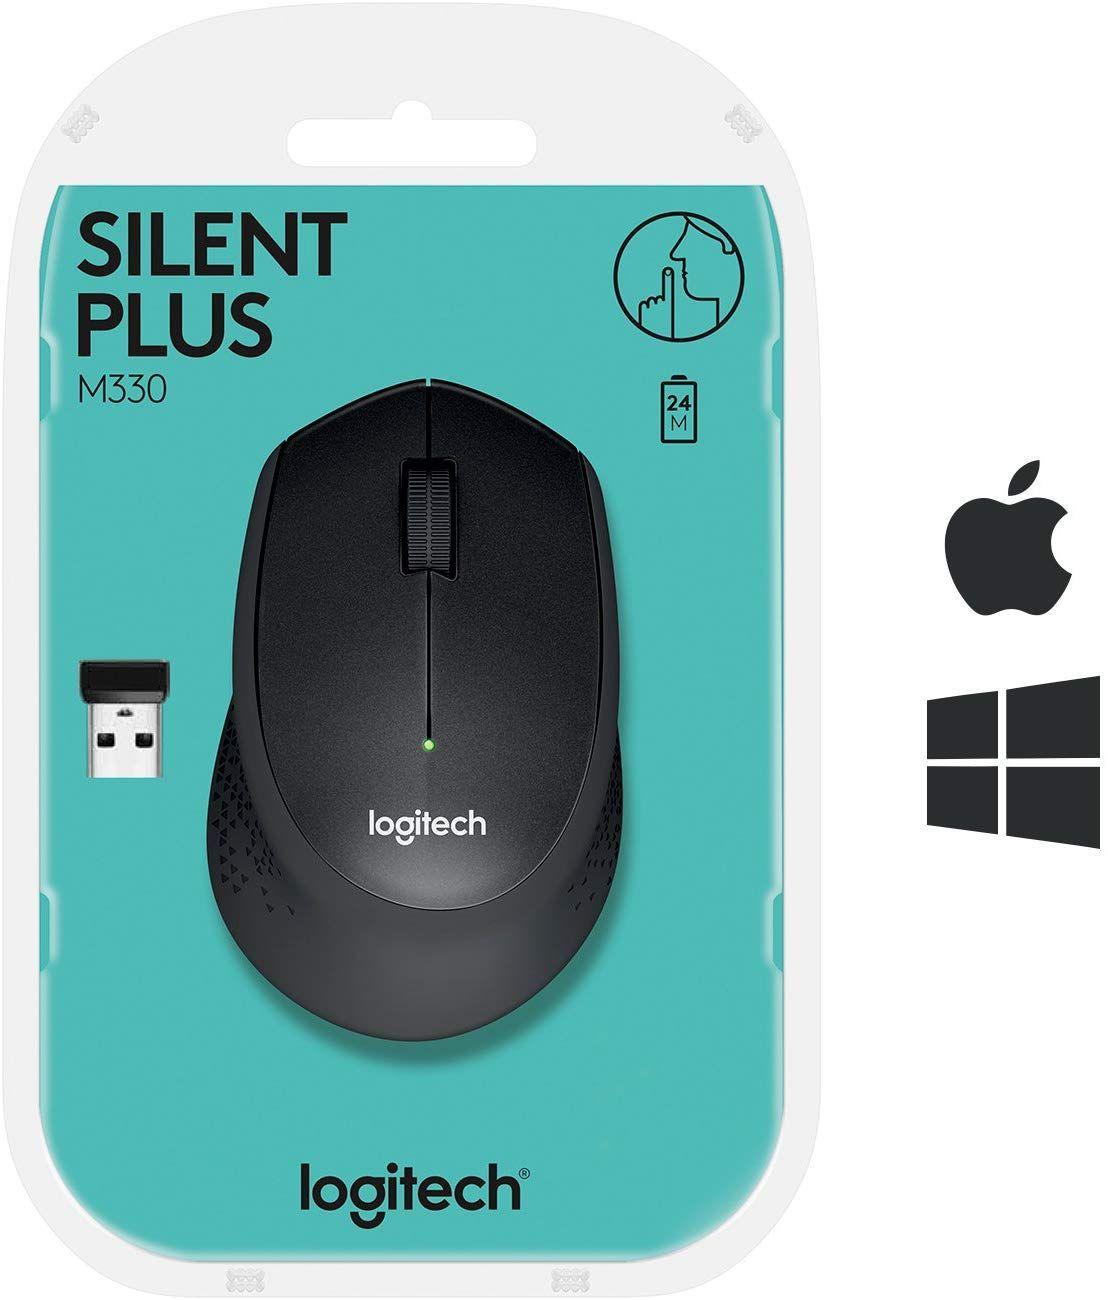 Ratón inalámbrico Logitech M330 Silent Plus